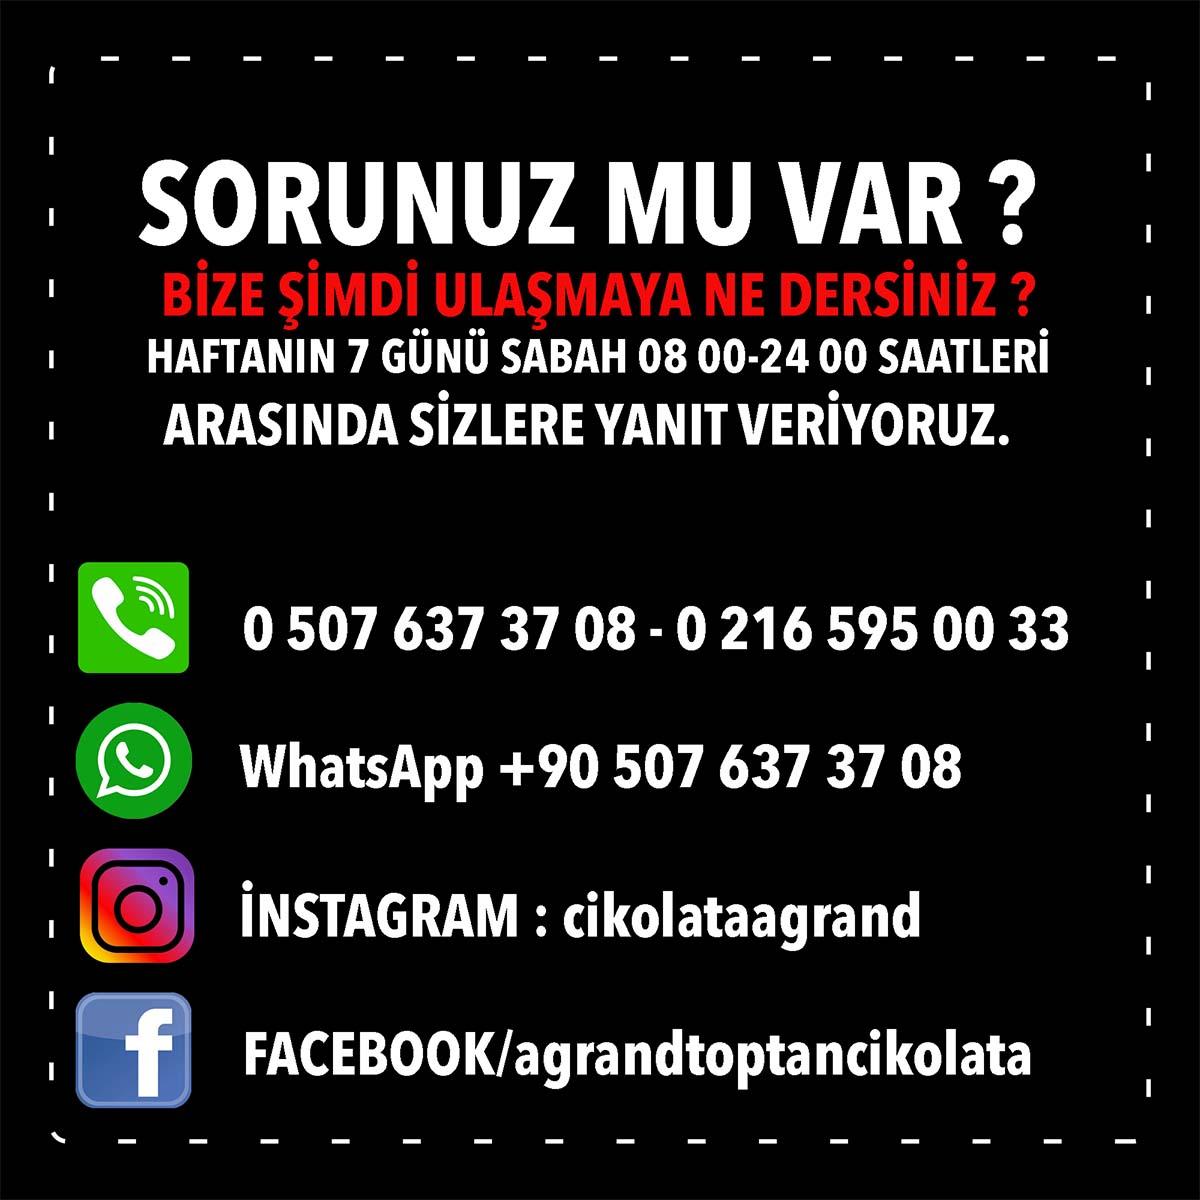 Agrand iletişim ve sosyal medya bilgilerimiz